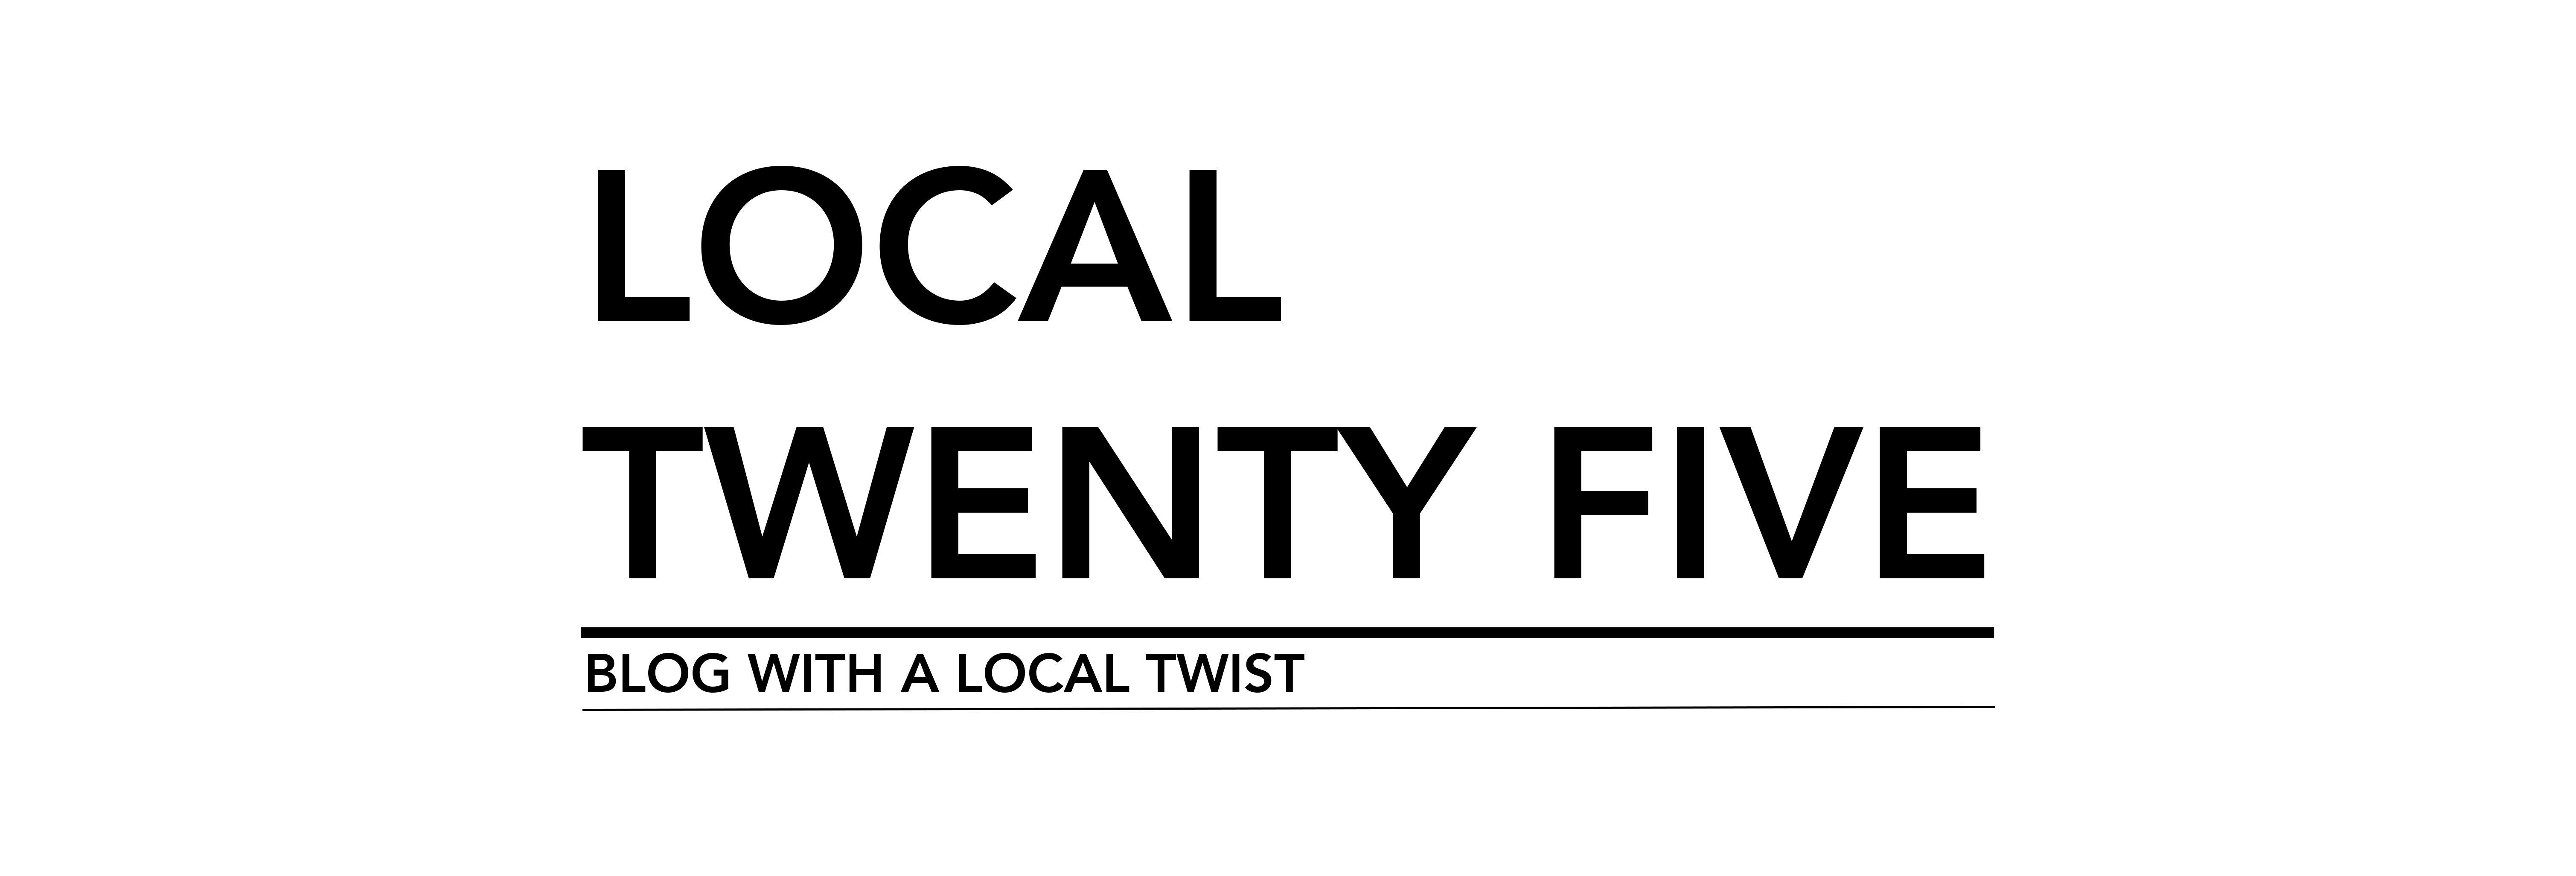 Localtwentyfive